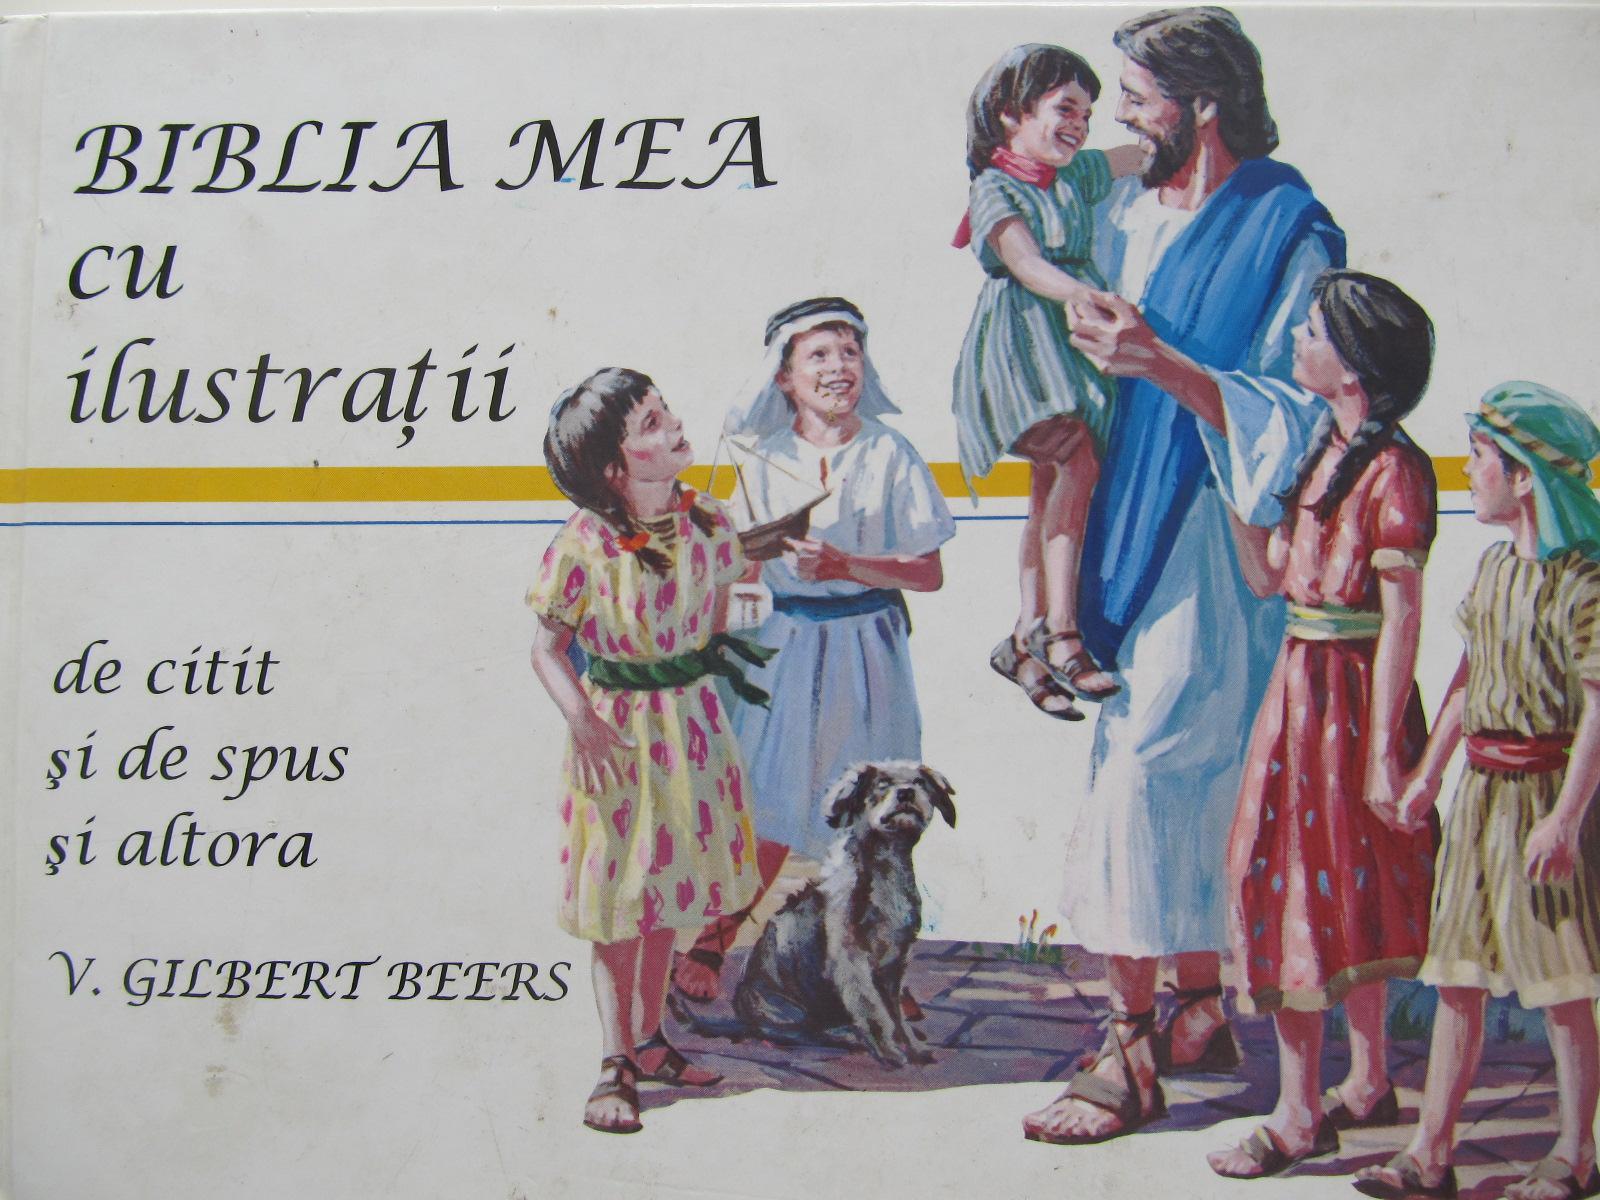 Biblia mea cu ilustratii - De citit si spus altora [1] - V. Gilbert Beers | Detalii carte